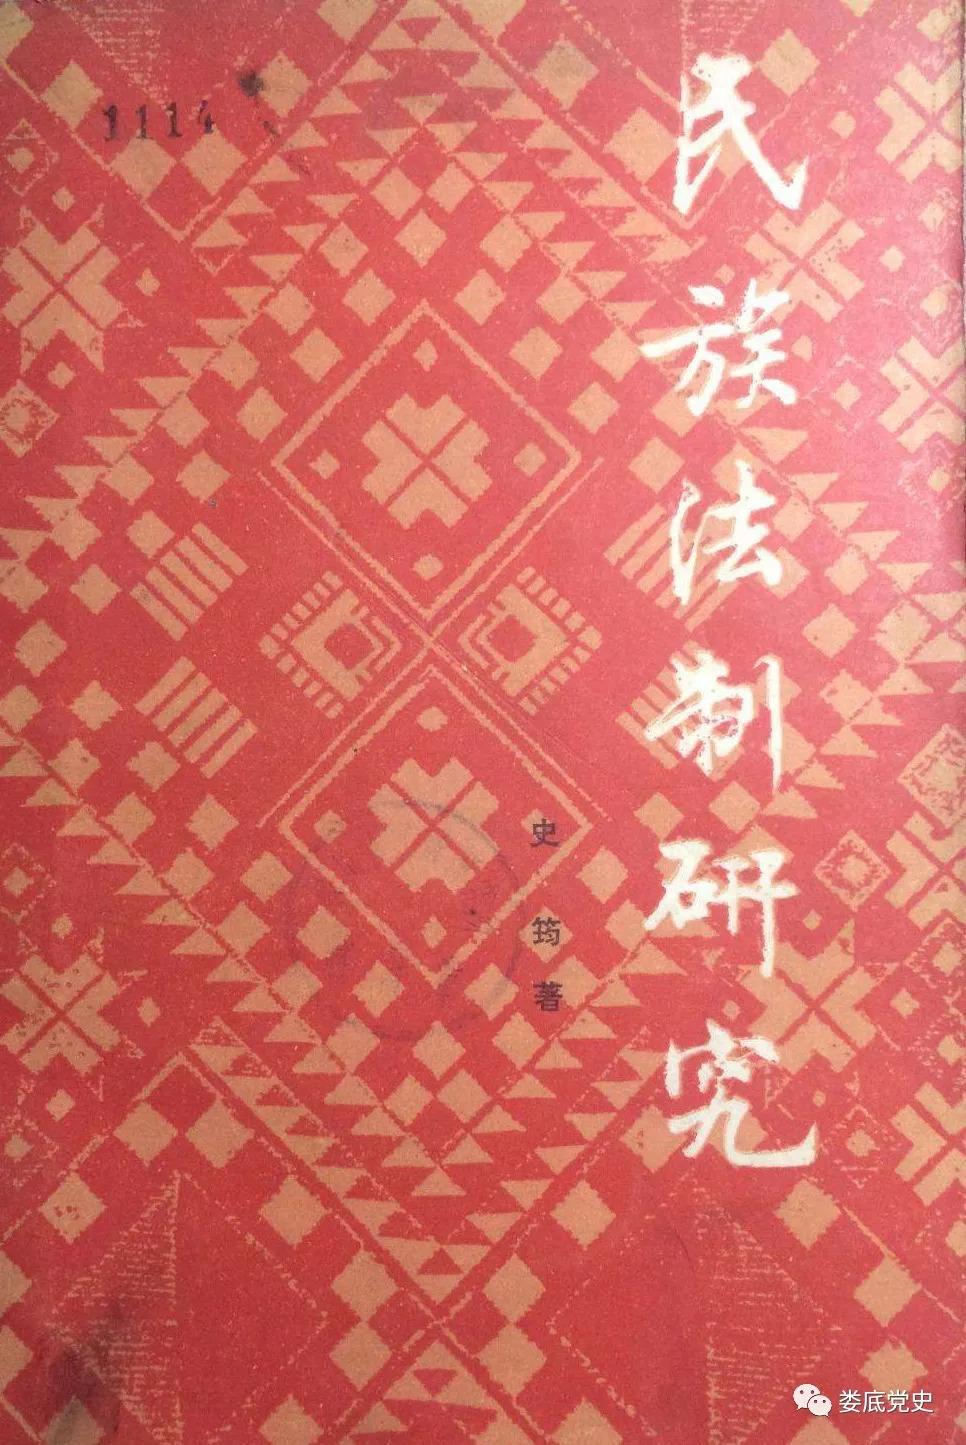 既当官,又做学问,难!缅怀著名法学家、民族史学家史筠 新湖南www.hunanabc.com